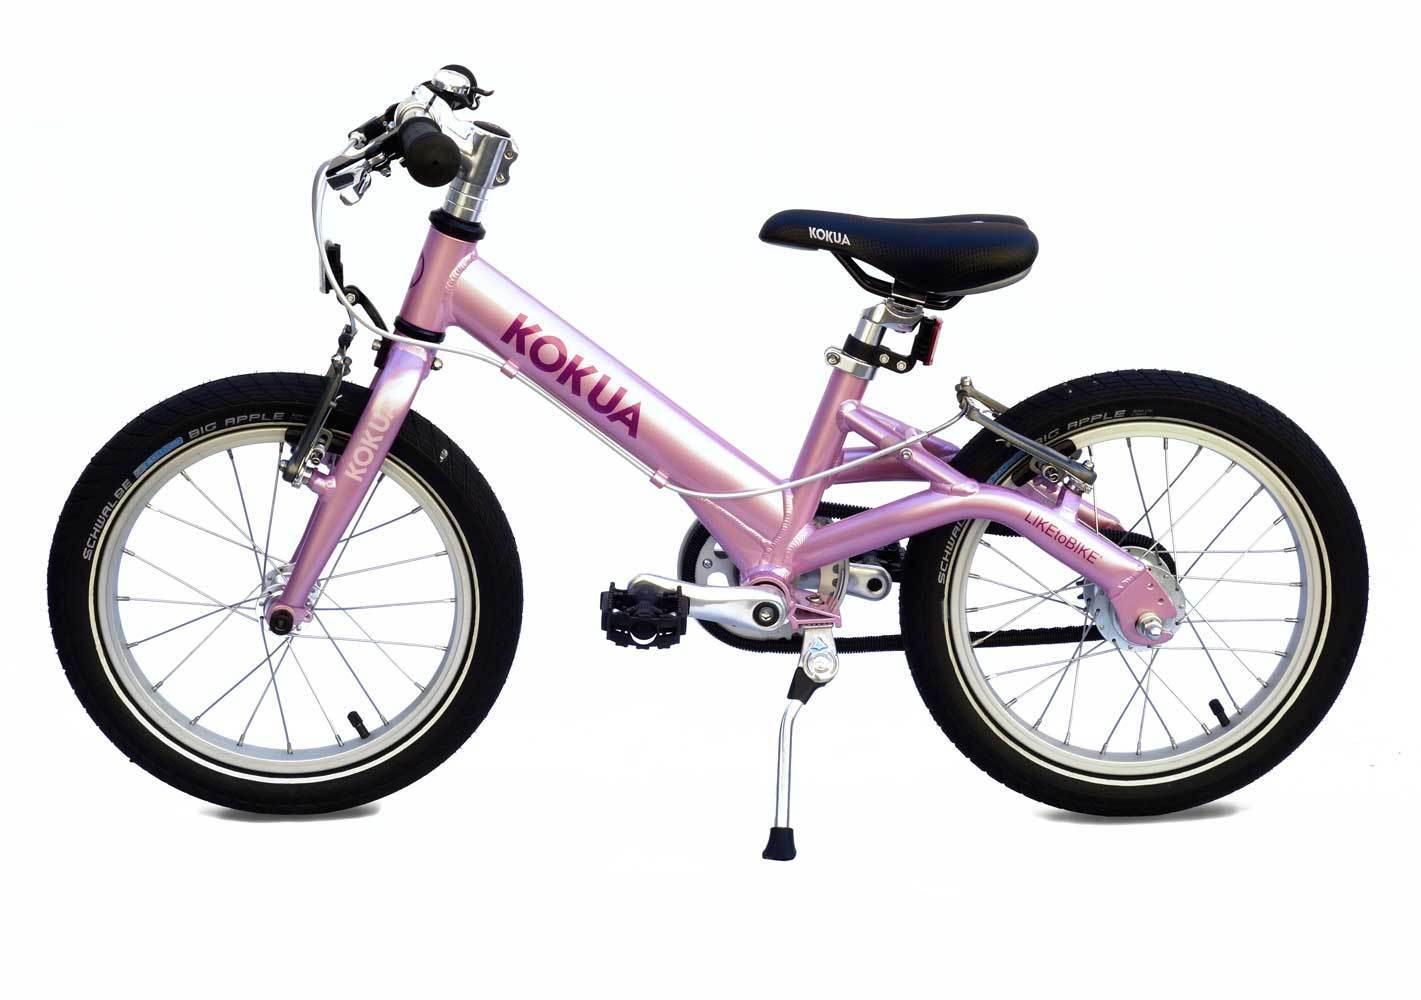 Rowerek dla dzieci KOKUA LIKEtoBIKE z kołami 16 cali, kolor różowy, wersja z hamulcami V-brake